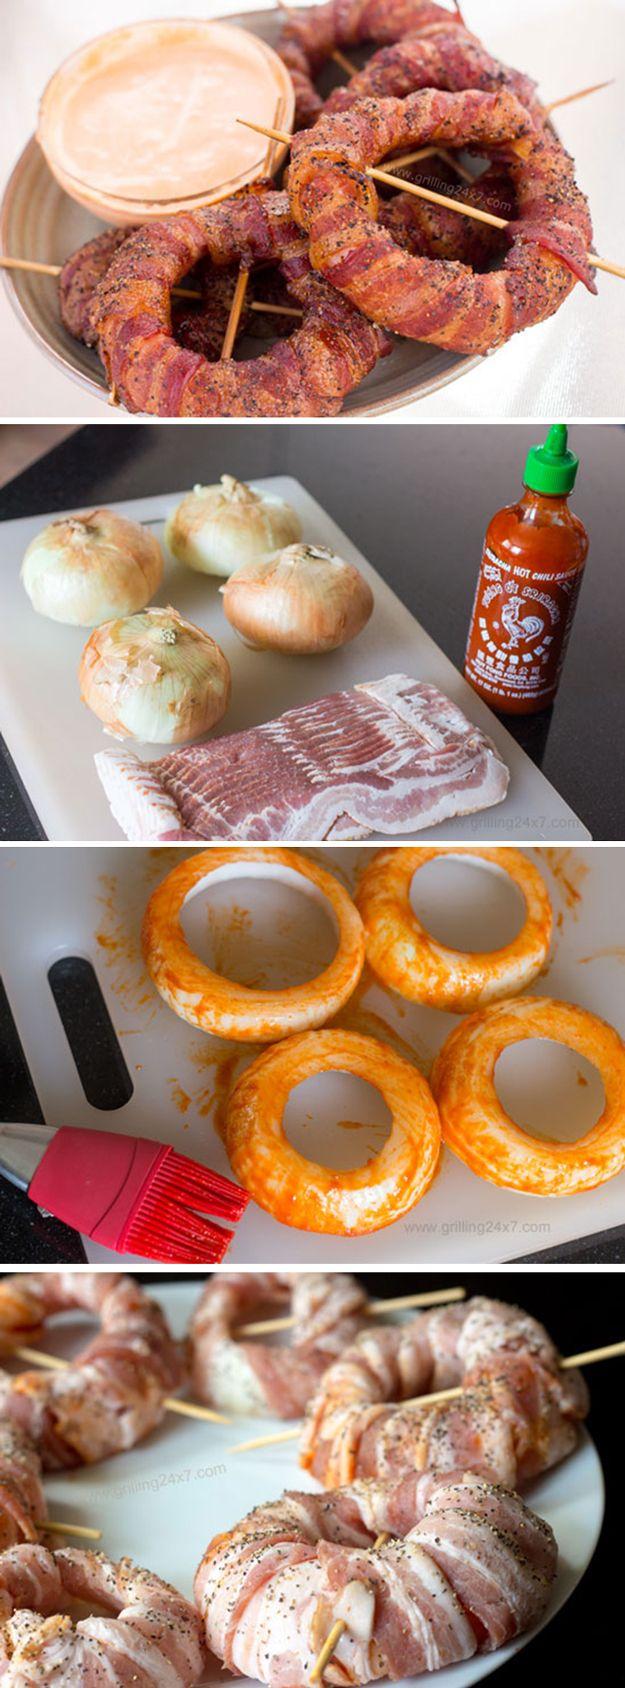 Recetas simples hechos en casa a la parrilla para barbacoa | http://artesaniasdebricolaje.ru/diy-recipes-bbq-ideas/